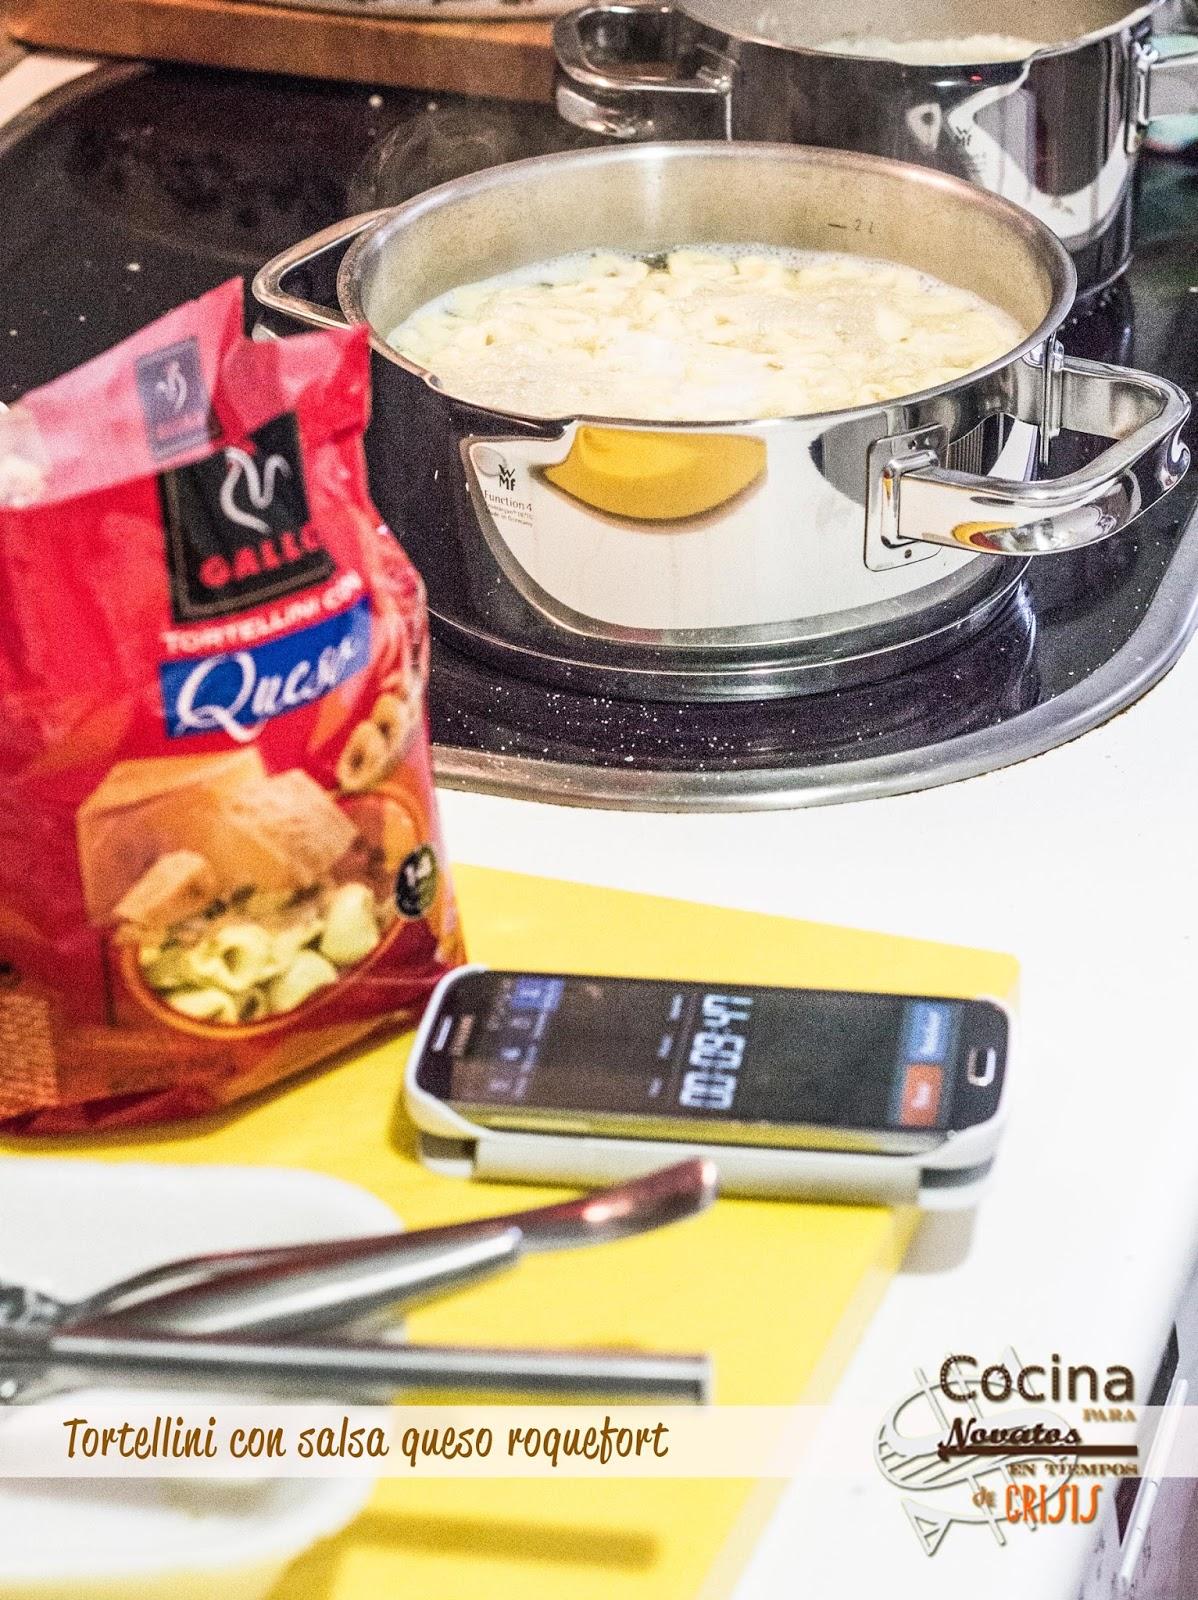 Cocina para novatos en tiempos de crisis tortellini de queso con salsa roquefort - Cocina para novatos ...